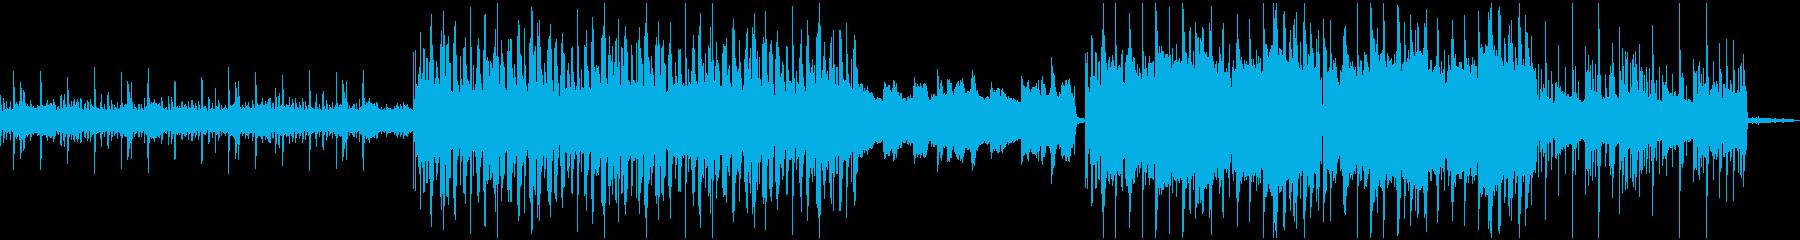 「雨の日のFuture bass」の再生済みの波形